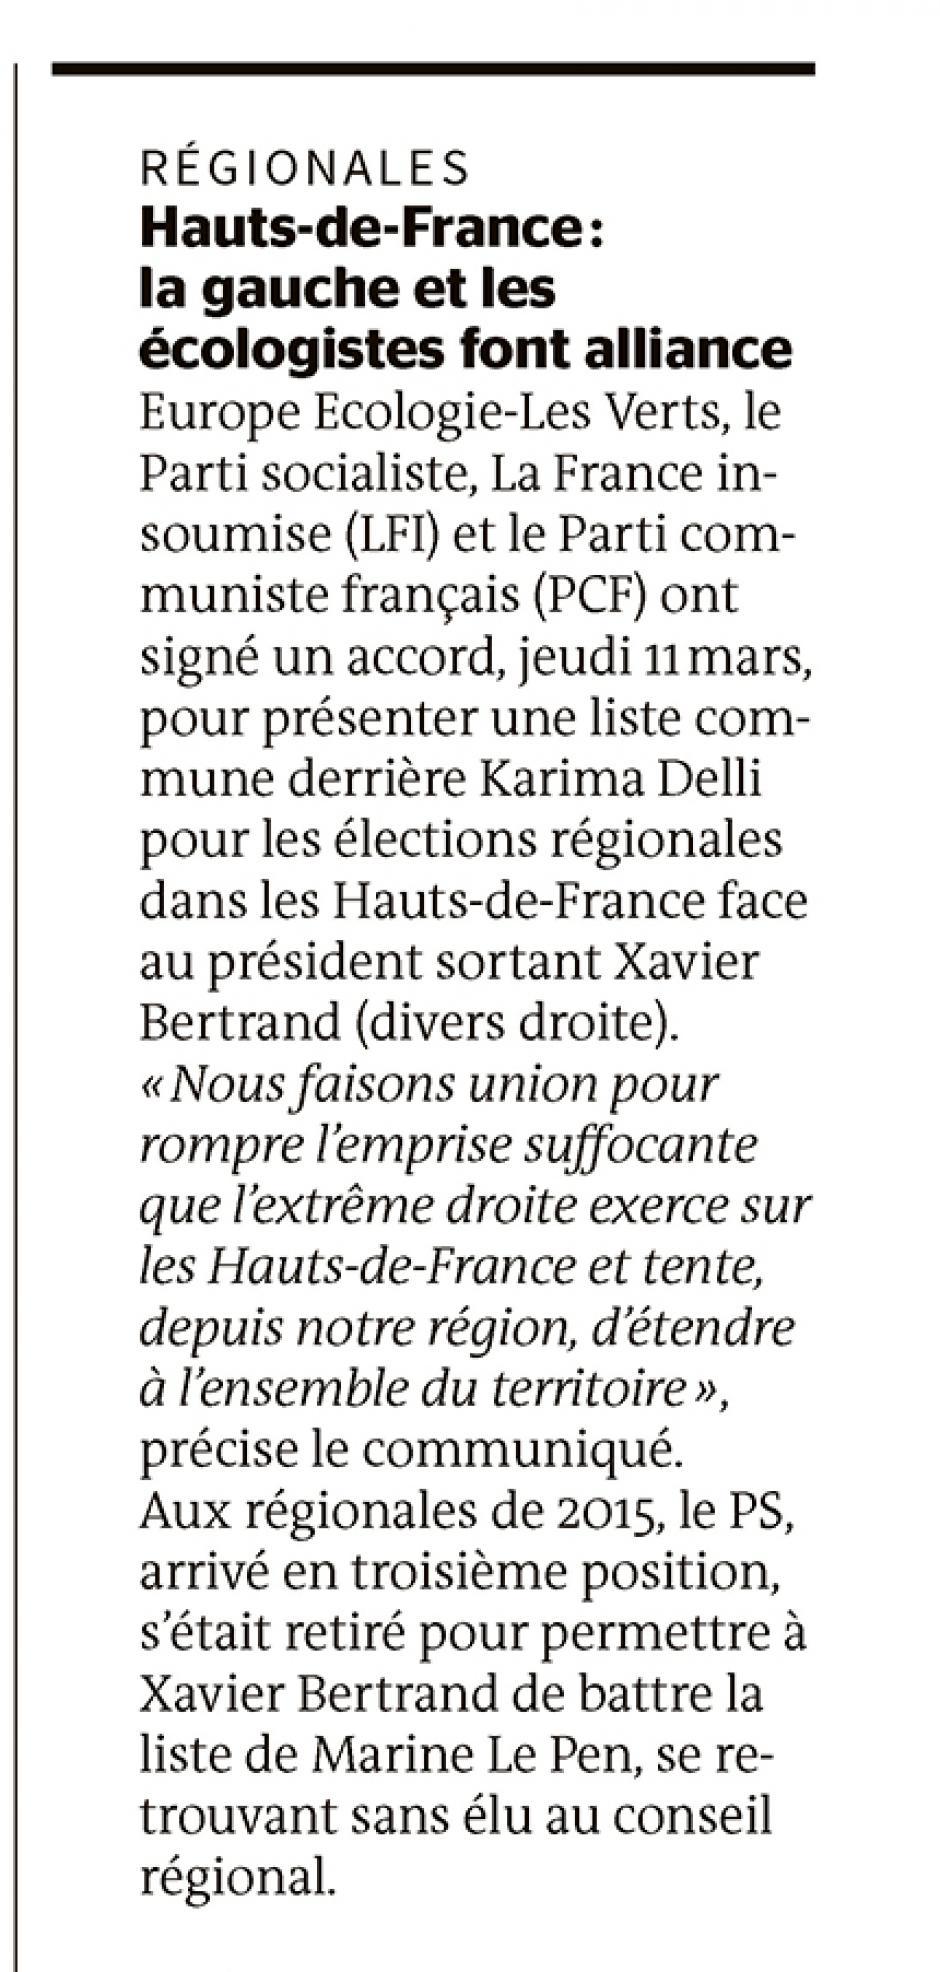 20210313-LeM-Hauts-de-France-R2021-La gauche et les écologistes font alliance